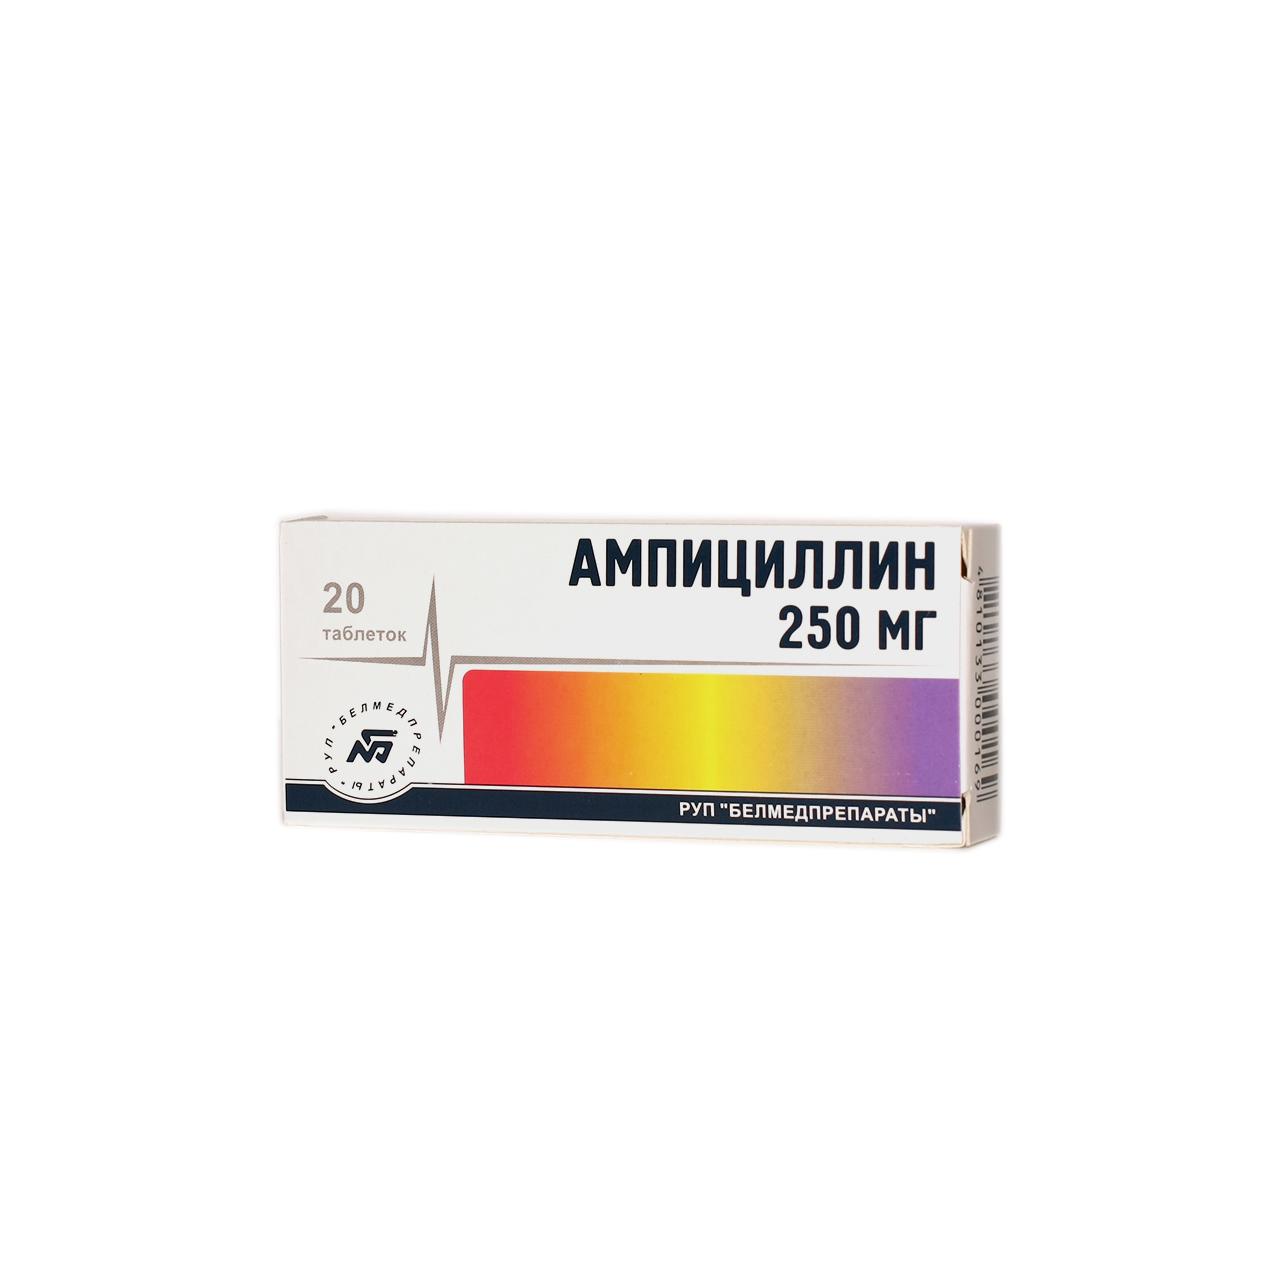 Ампициллин: инструкция по применению препарата в таблетках и уколах для детей